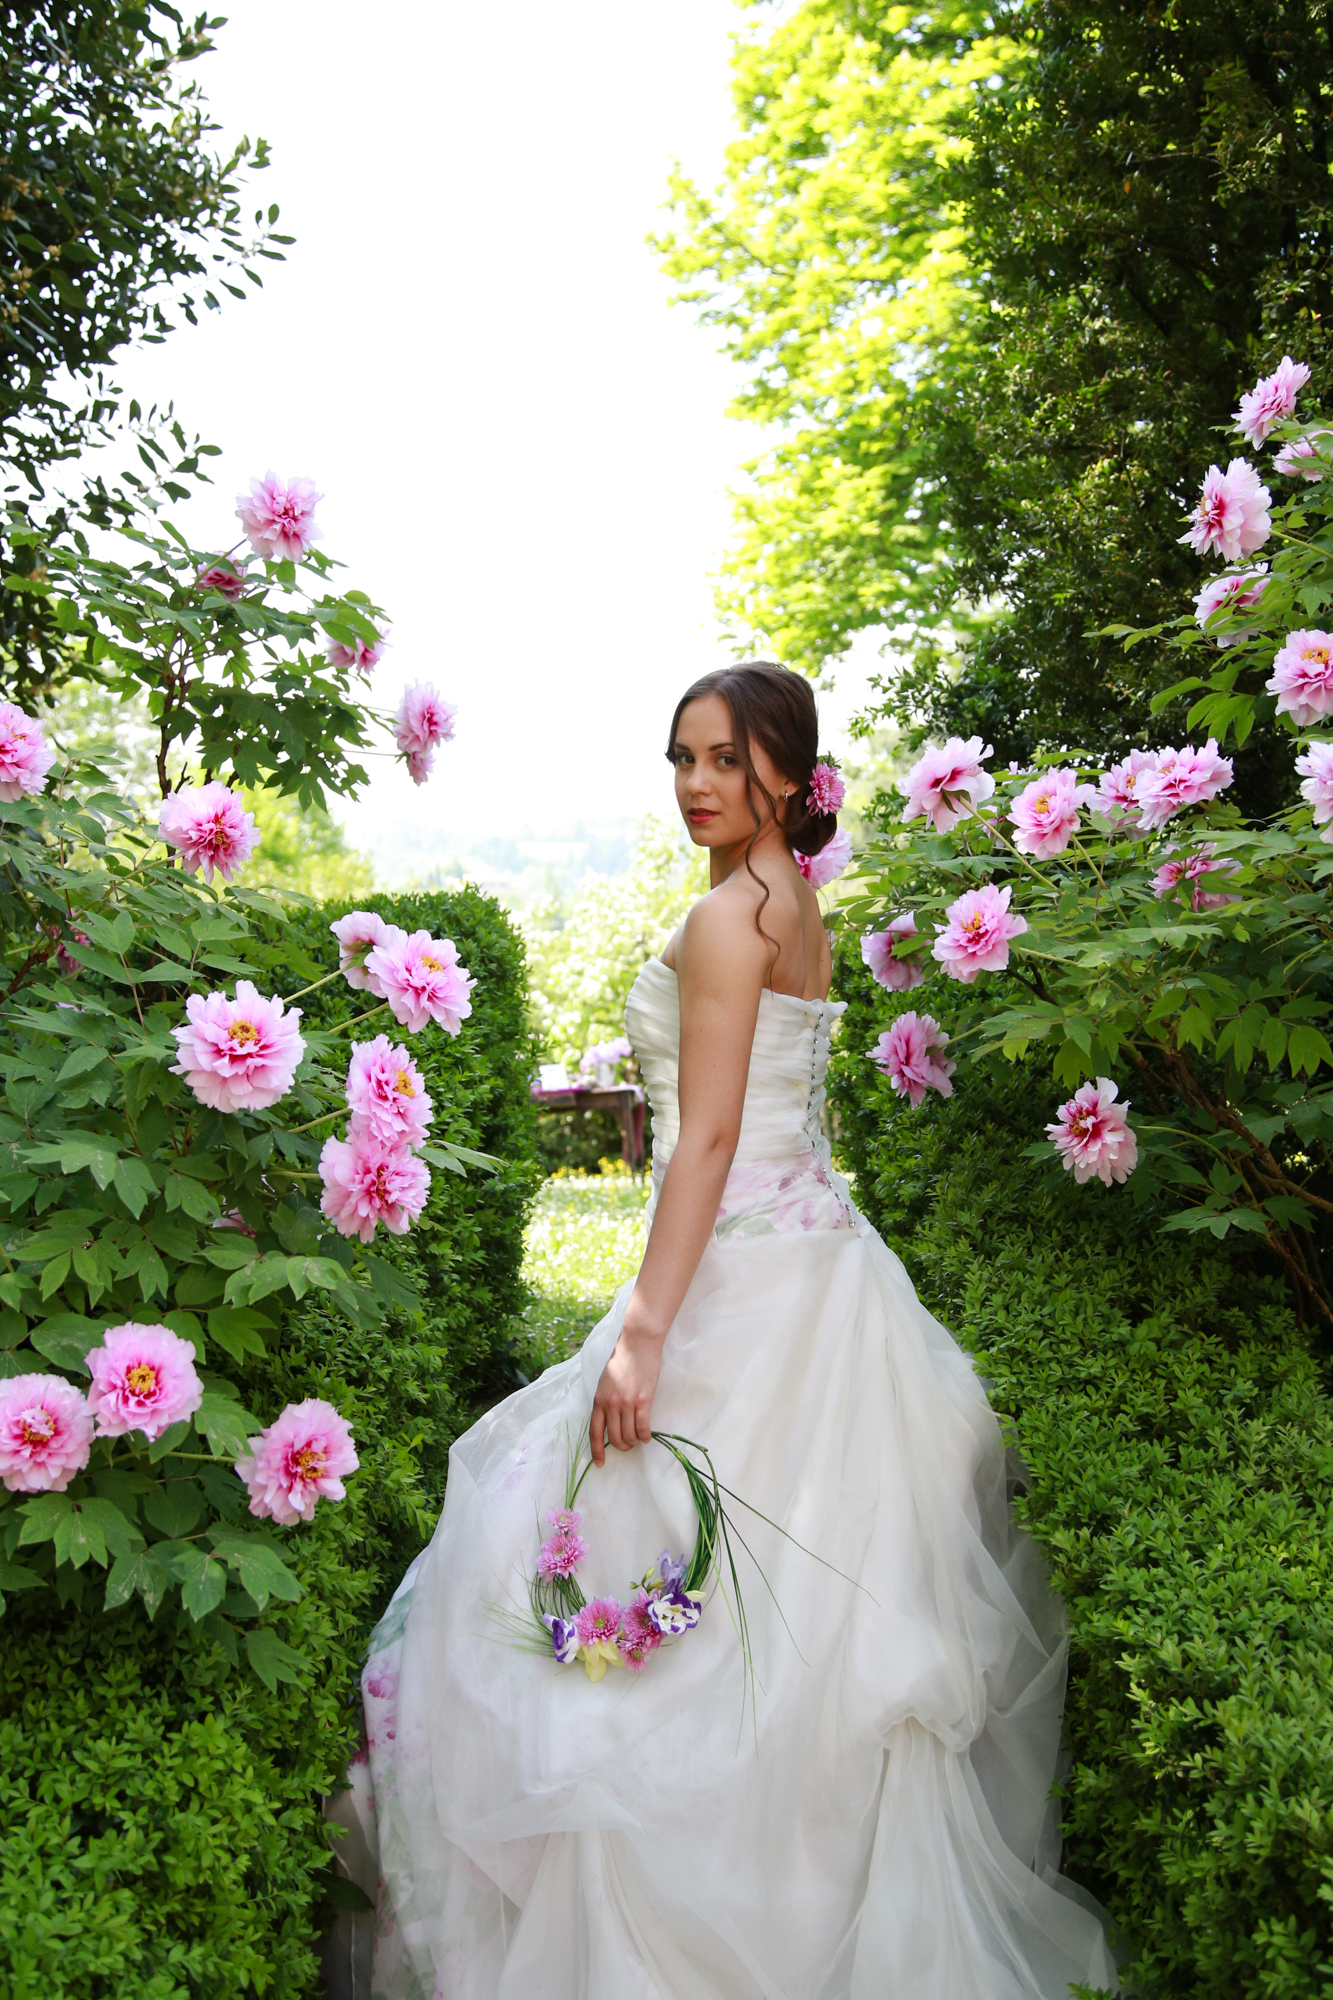 Matrimonio di primavera nel giardino segreto